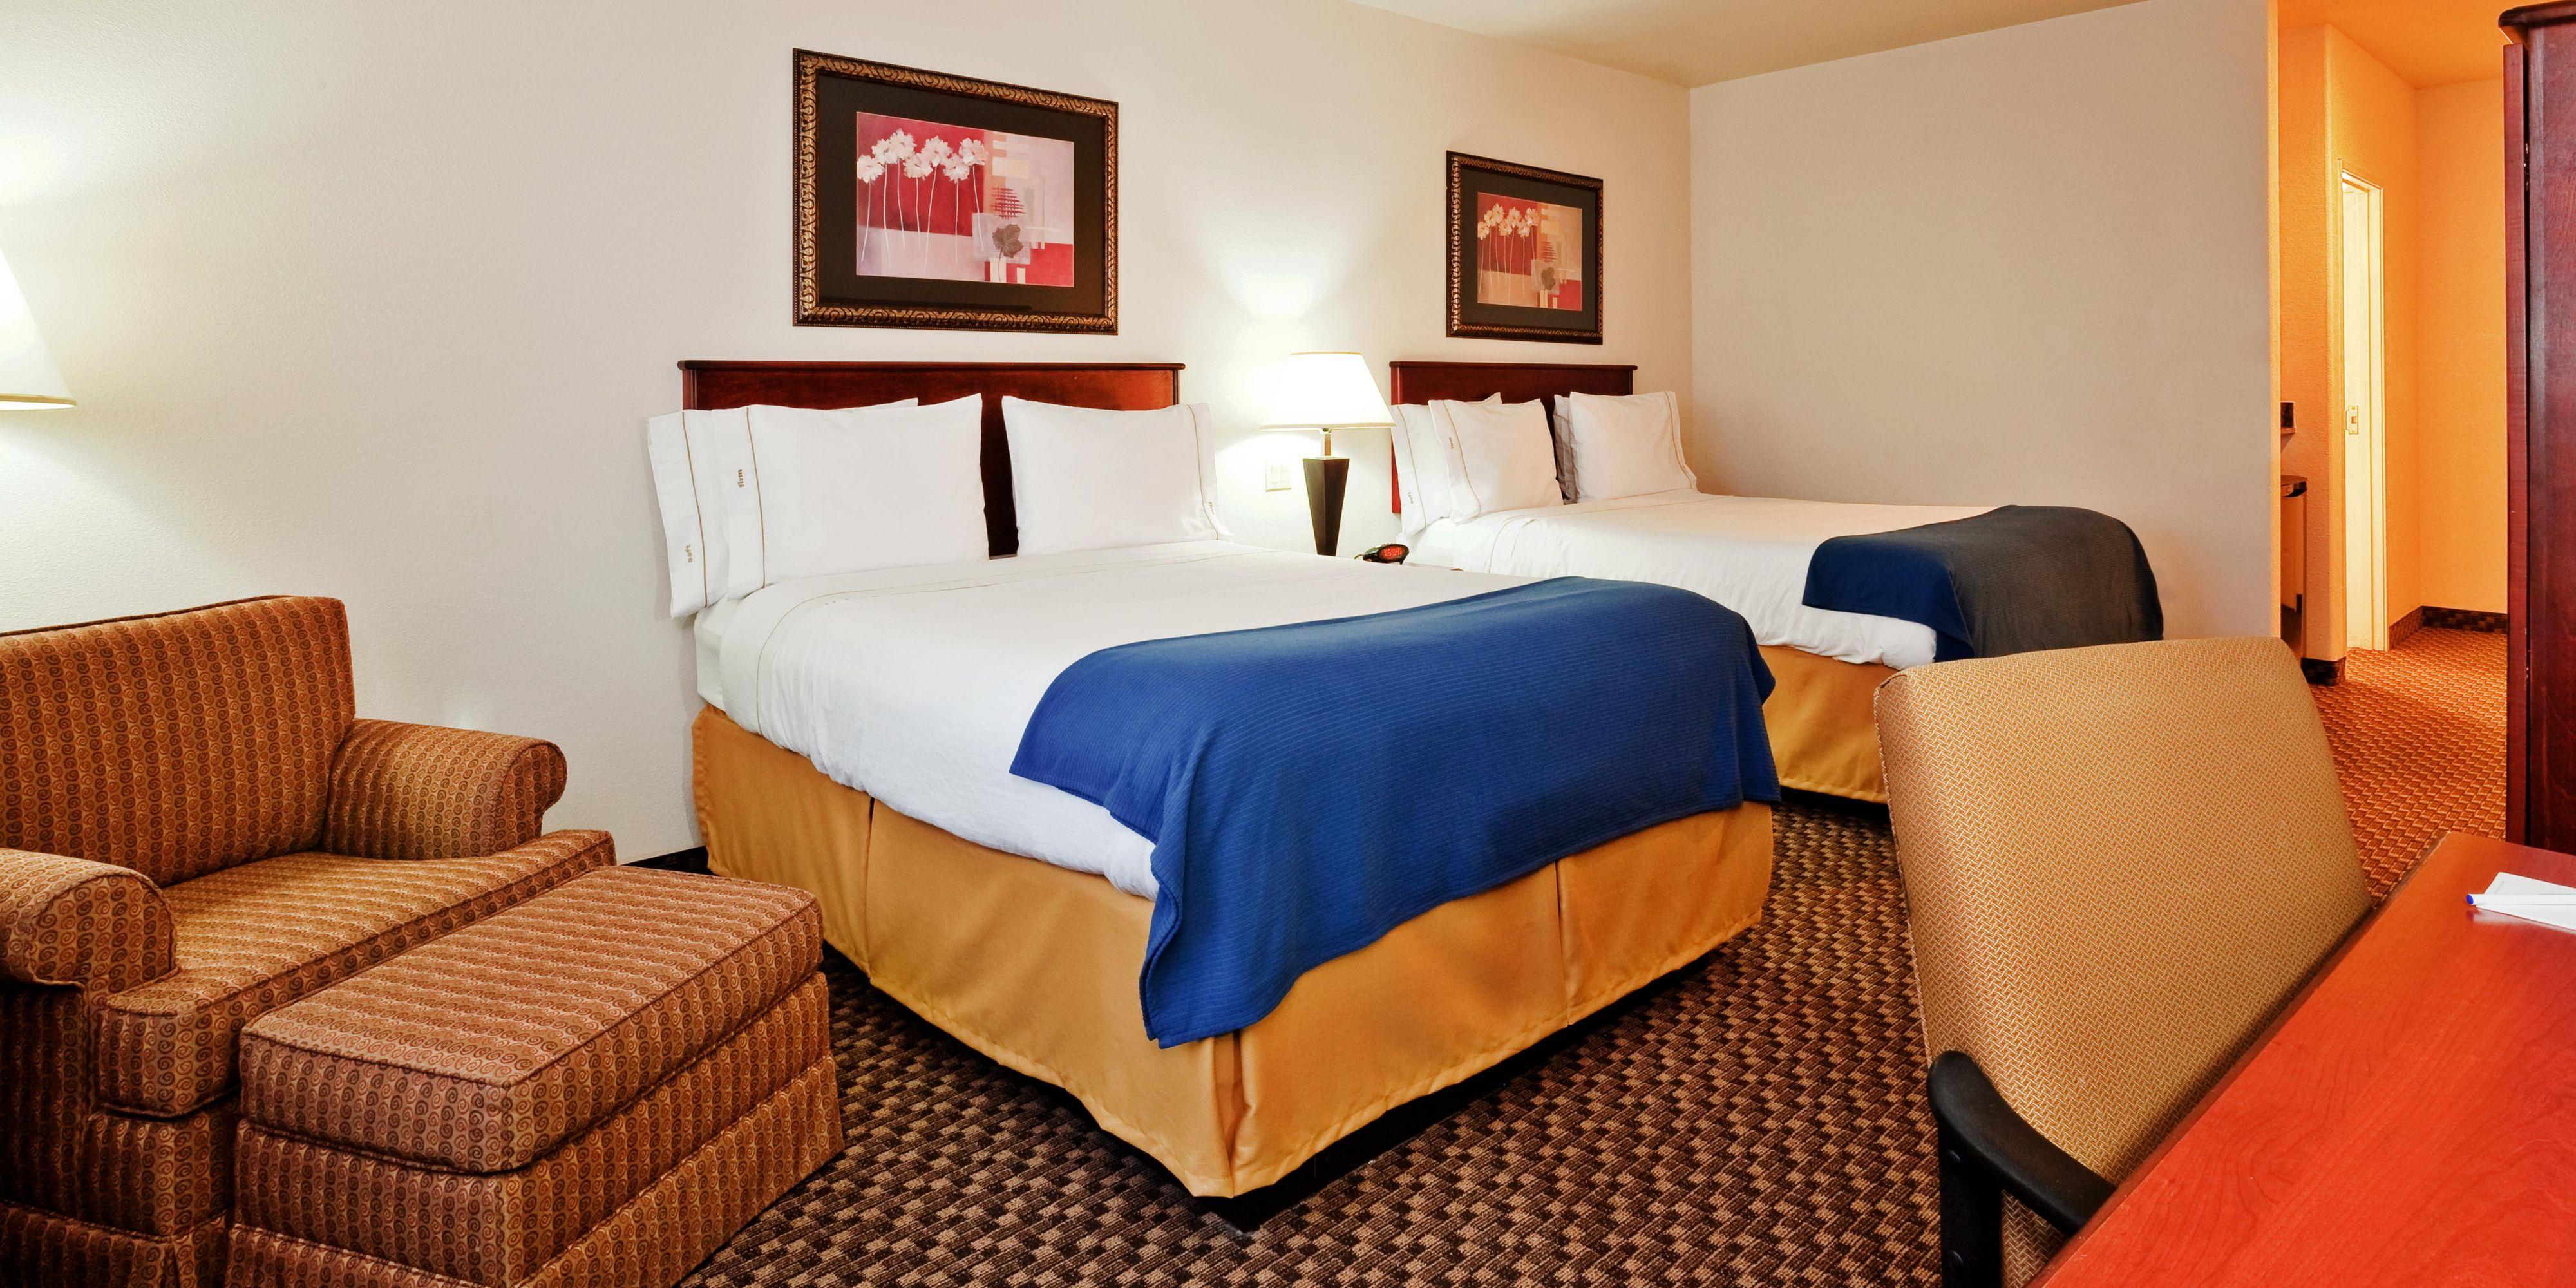 Holiday Inn Express Santa Rosa 2533006059 2x1